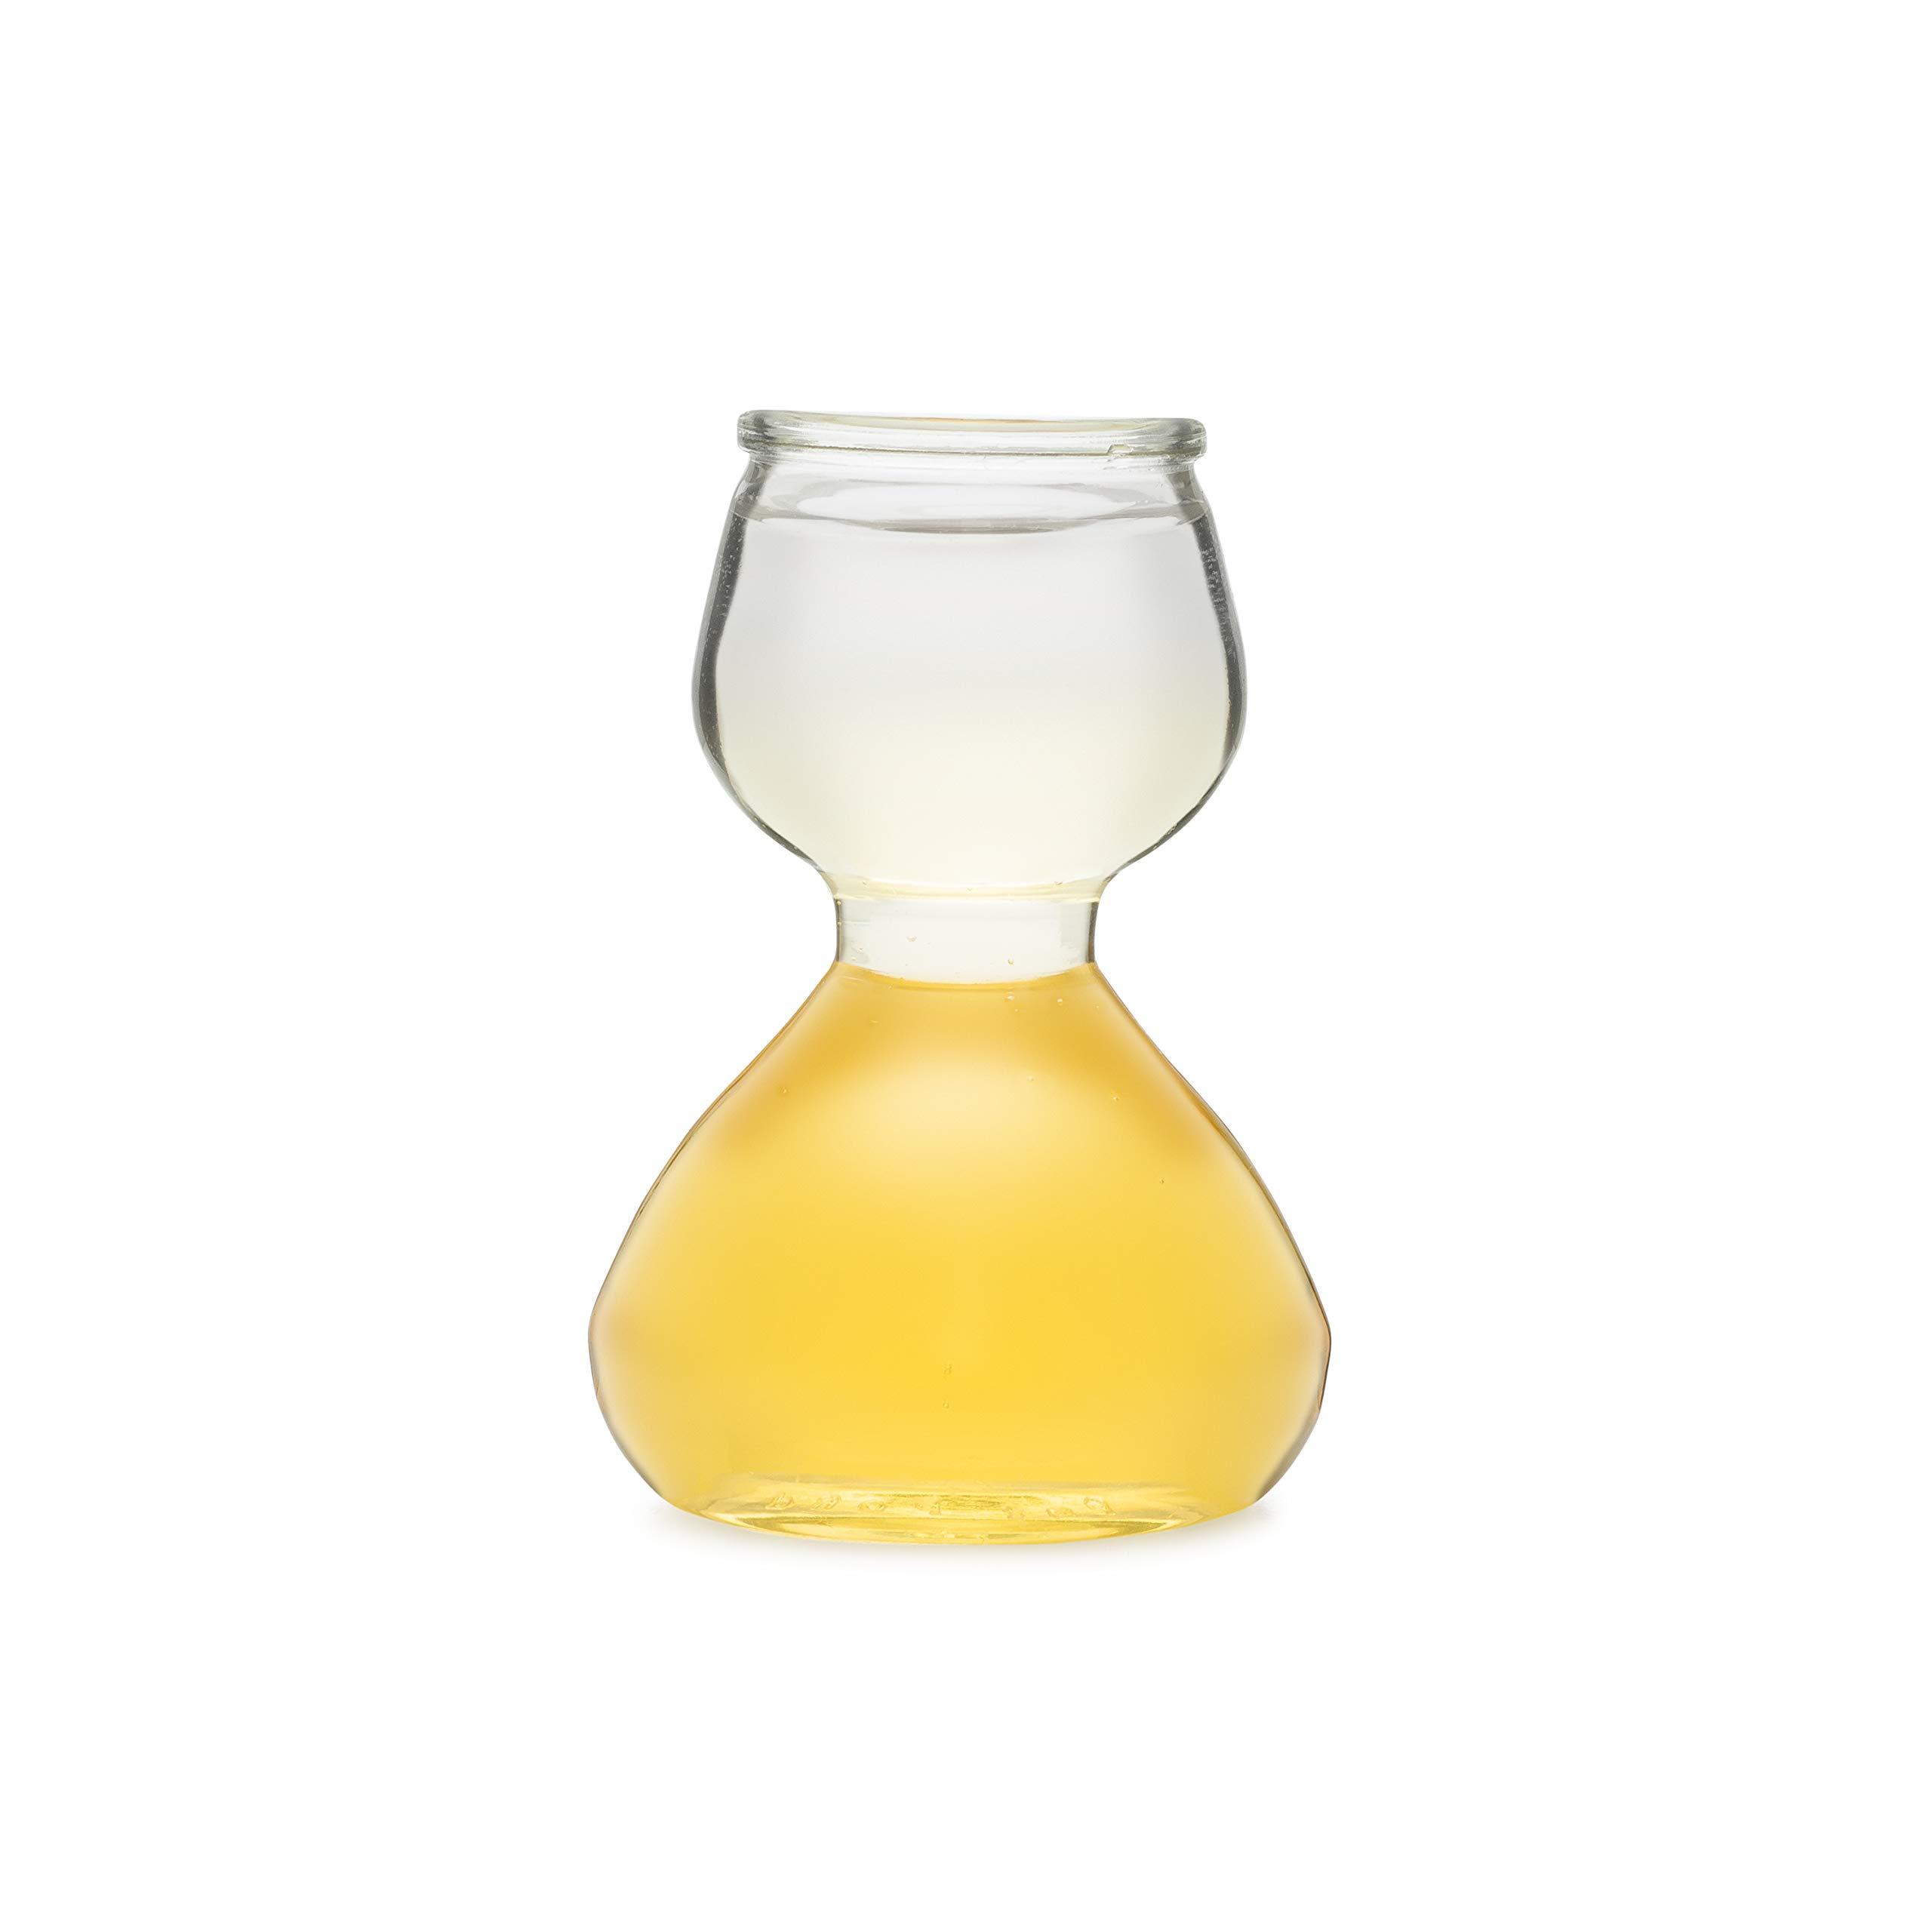 Quaffer Double-Bubble Shot Glass, Plastic (Case of 12)